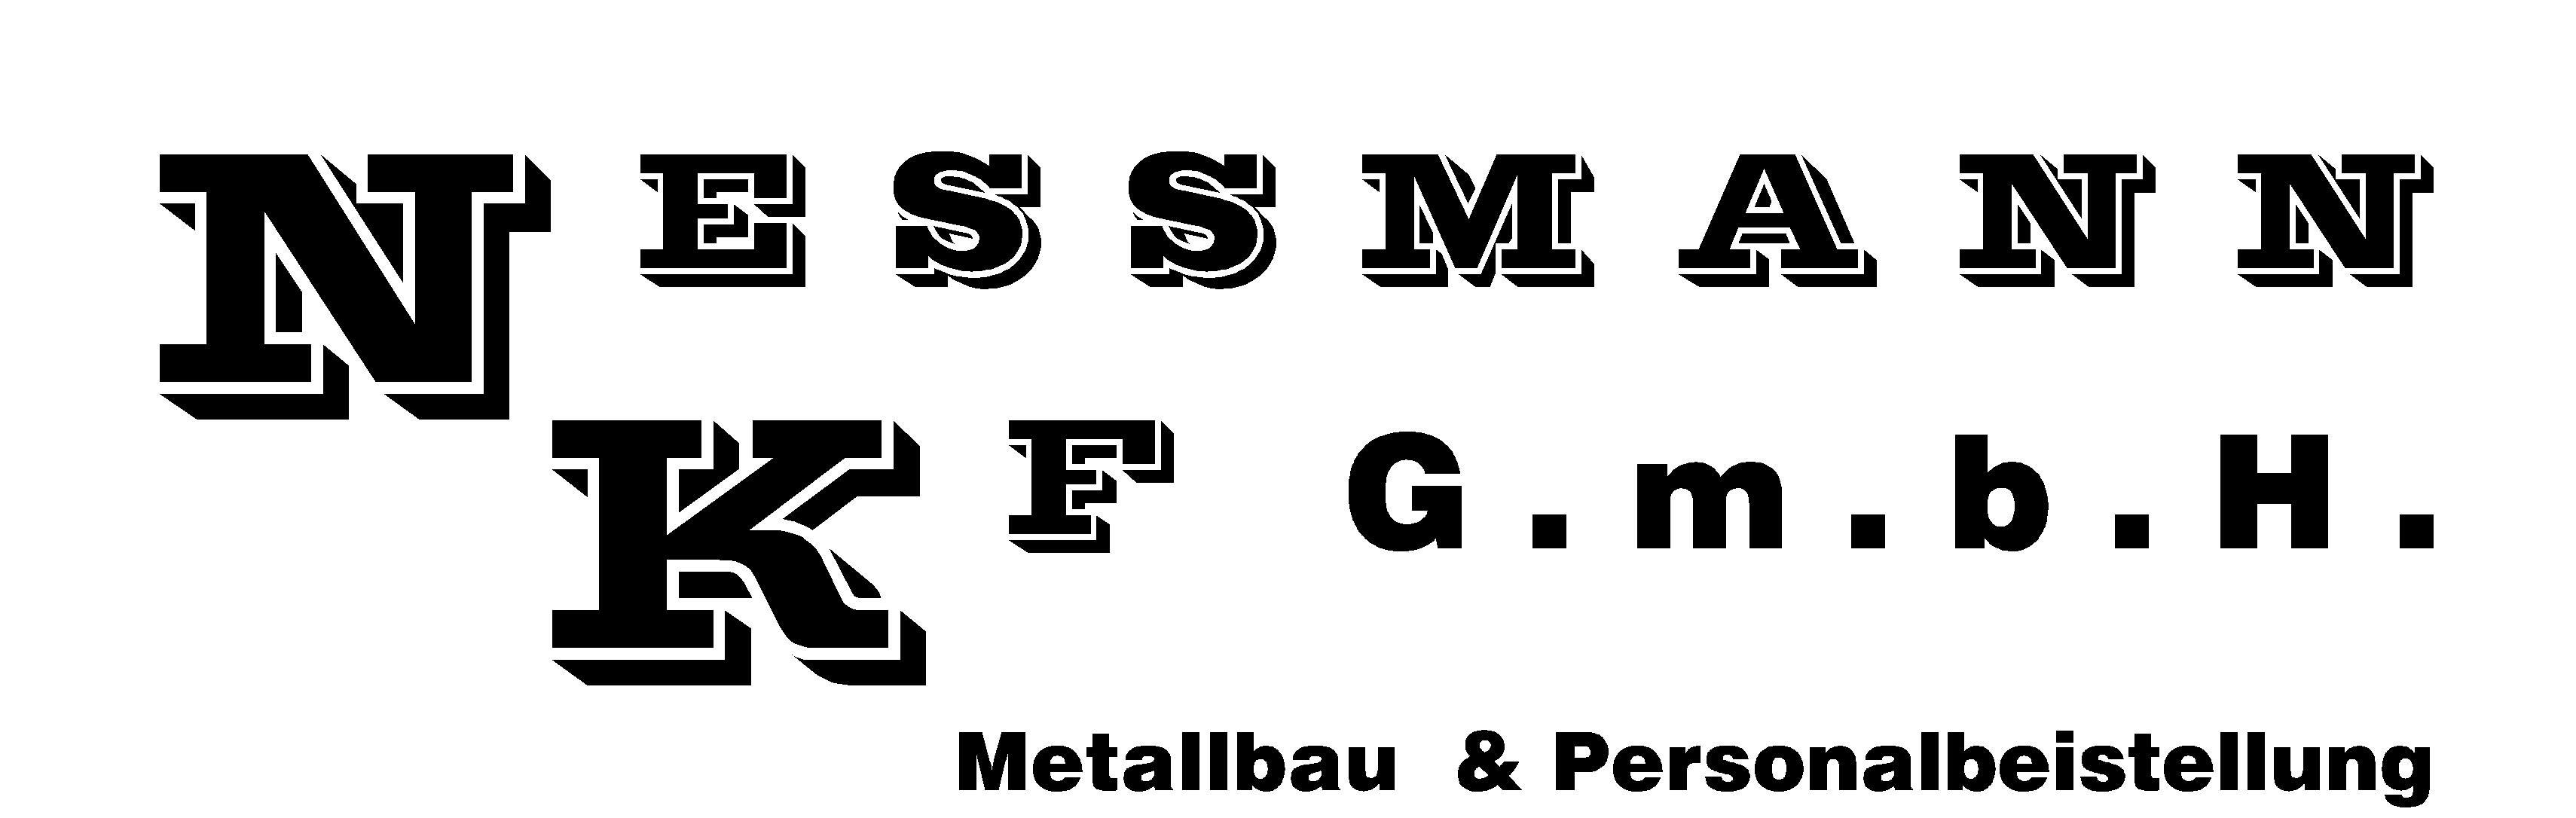 Nessmann-KF